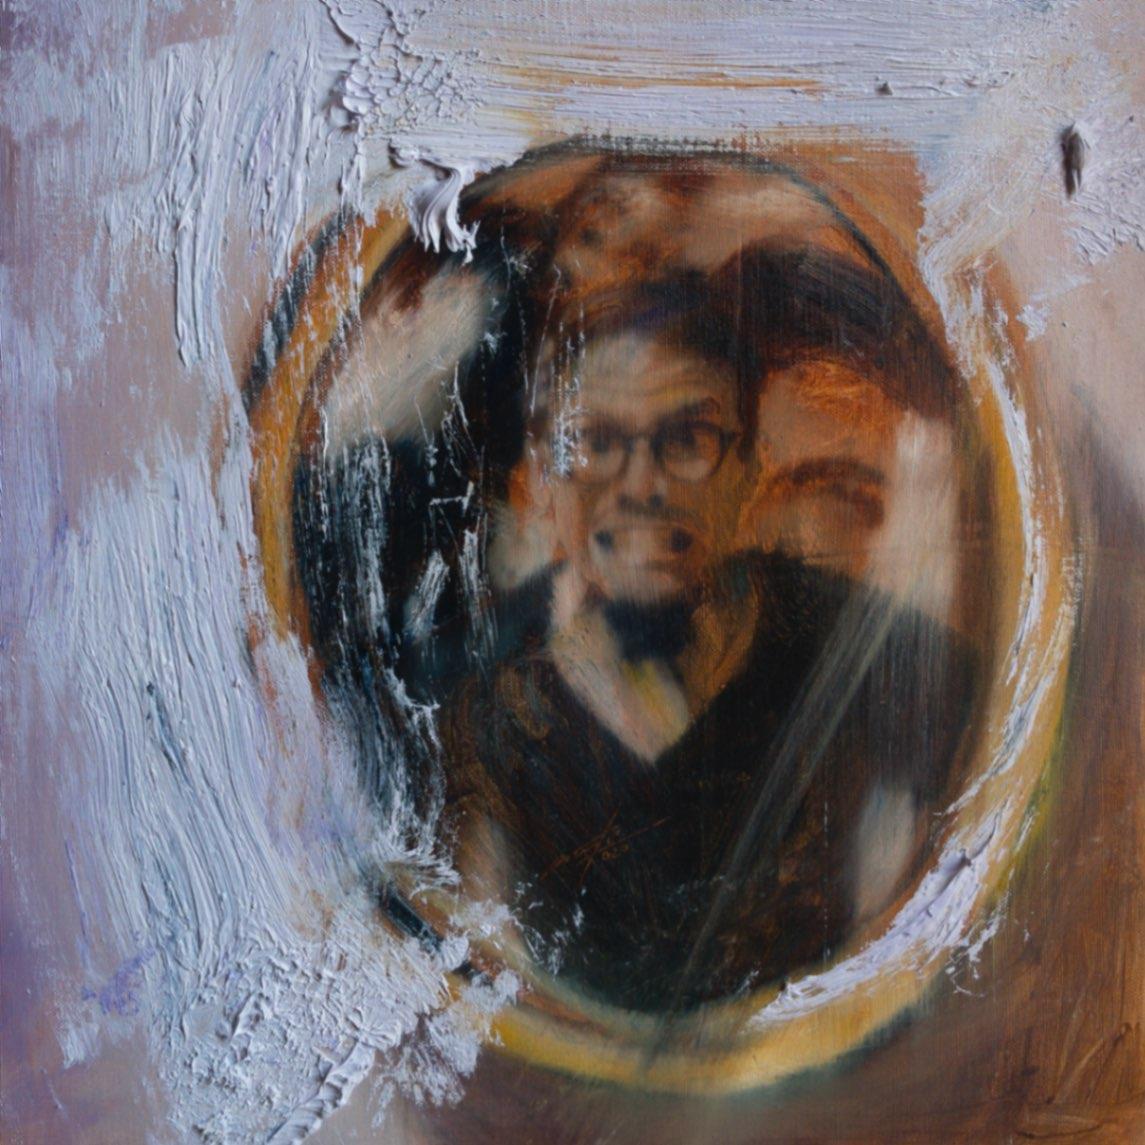 Obra: Autorretrato 🆚 Mirror Selfies 😬